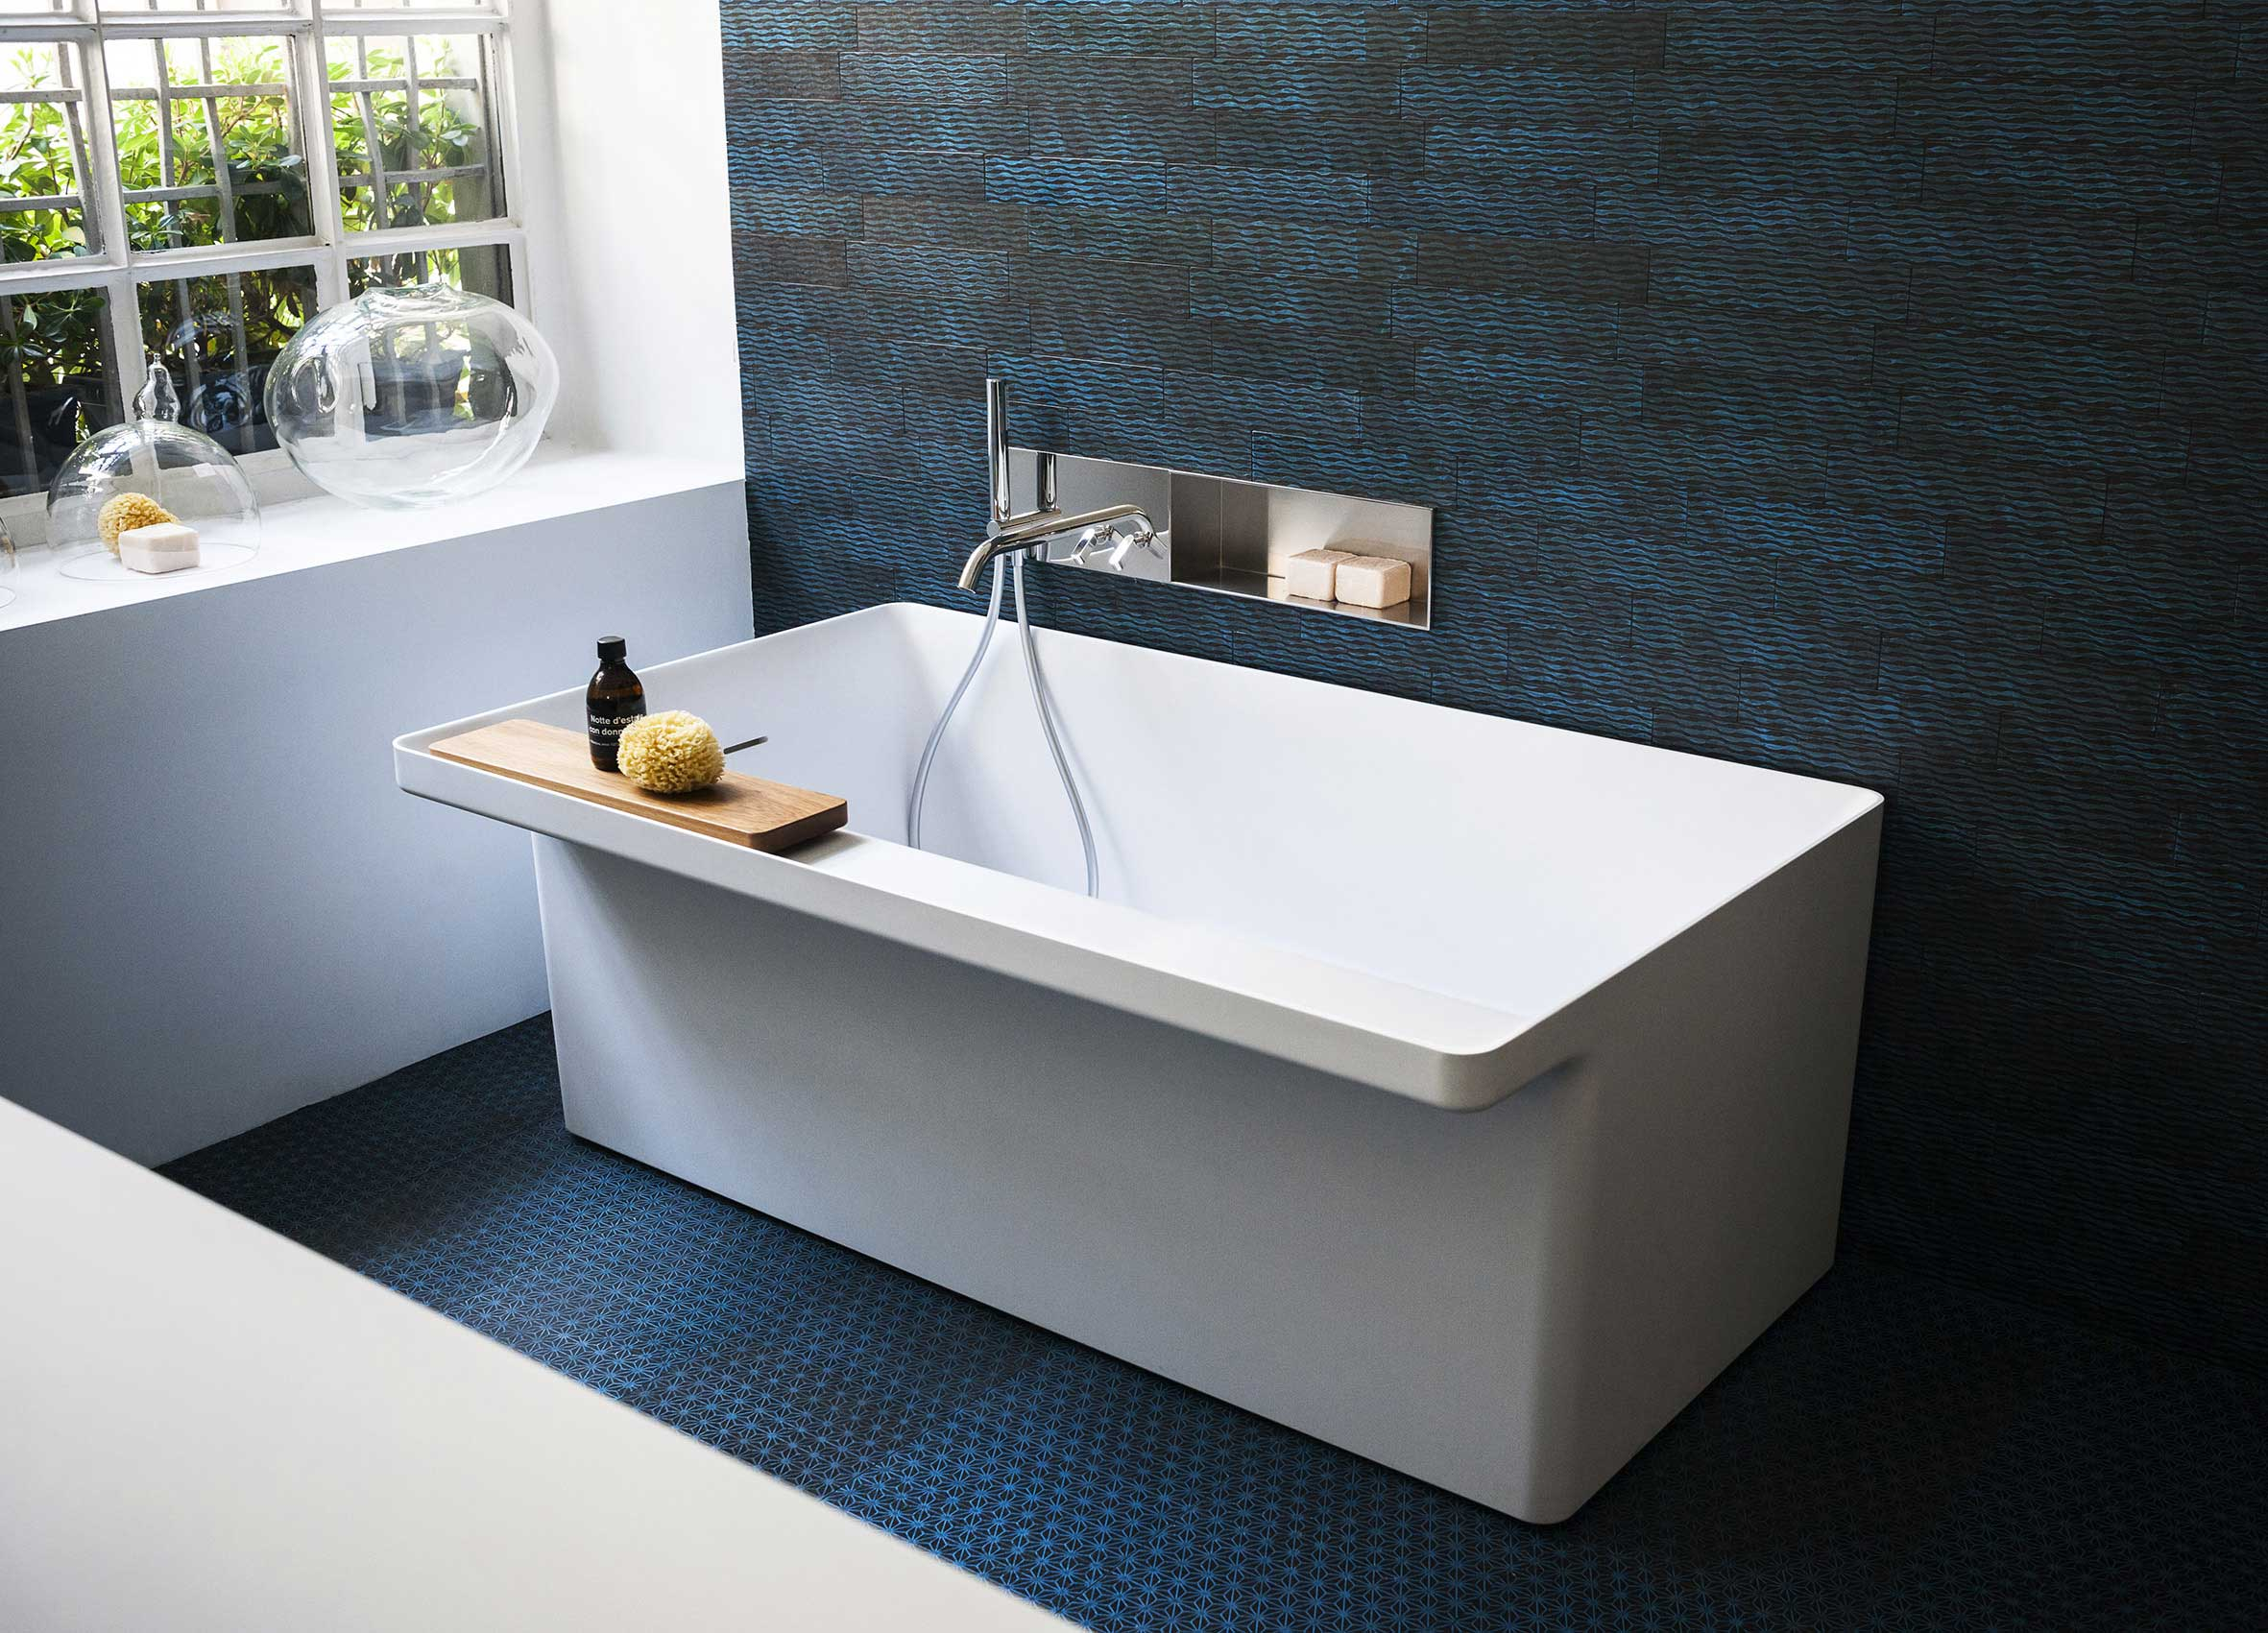 baignoire avec tablette de rangement. Black Bedroom Furniture Sets. Home Design Ideas